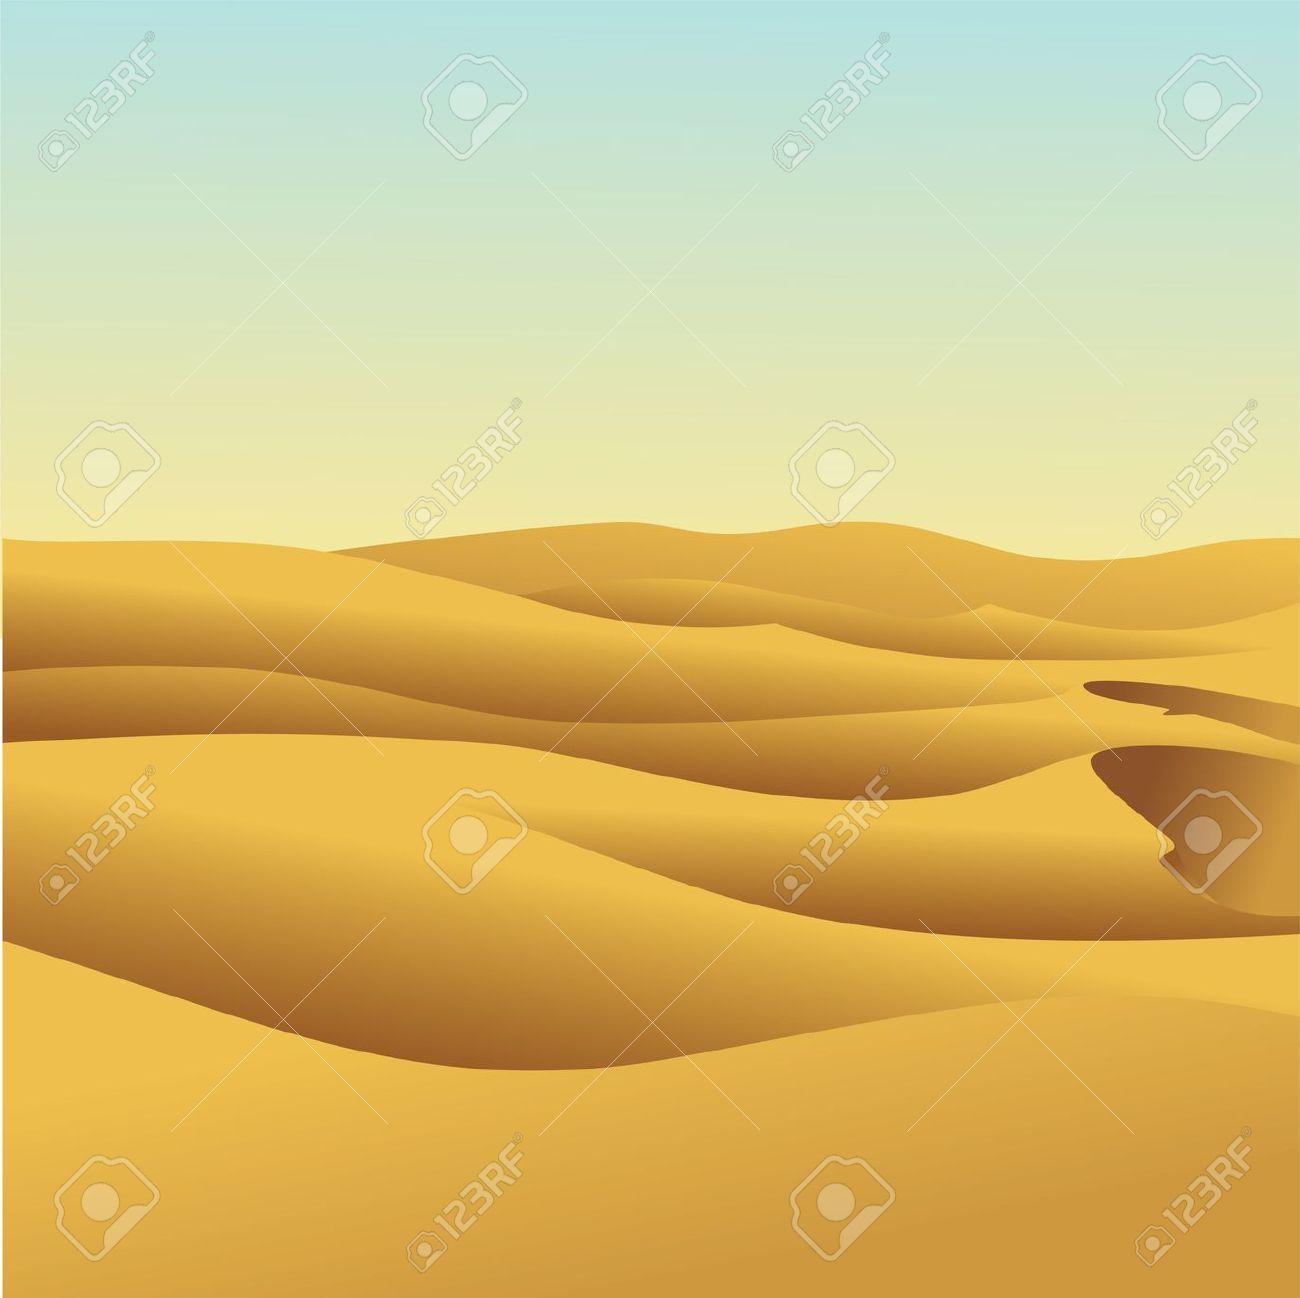 Landscape dune panda free. Desert clipart desert sand